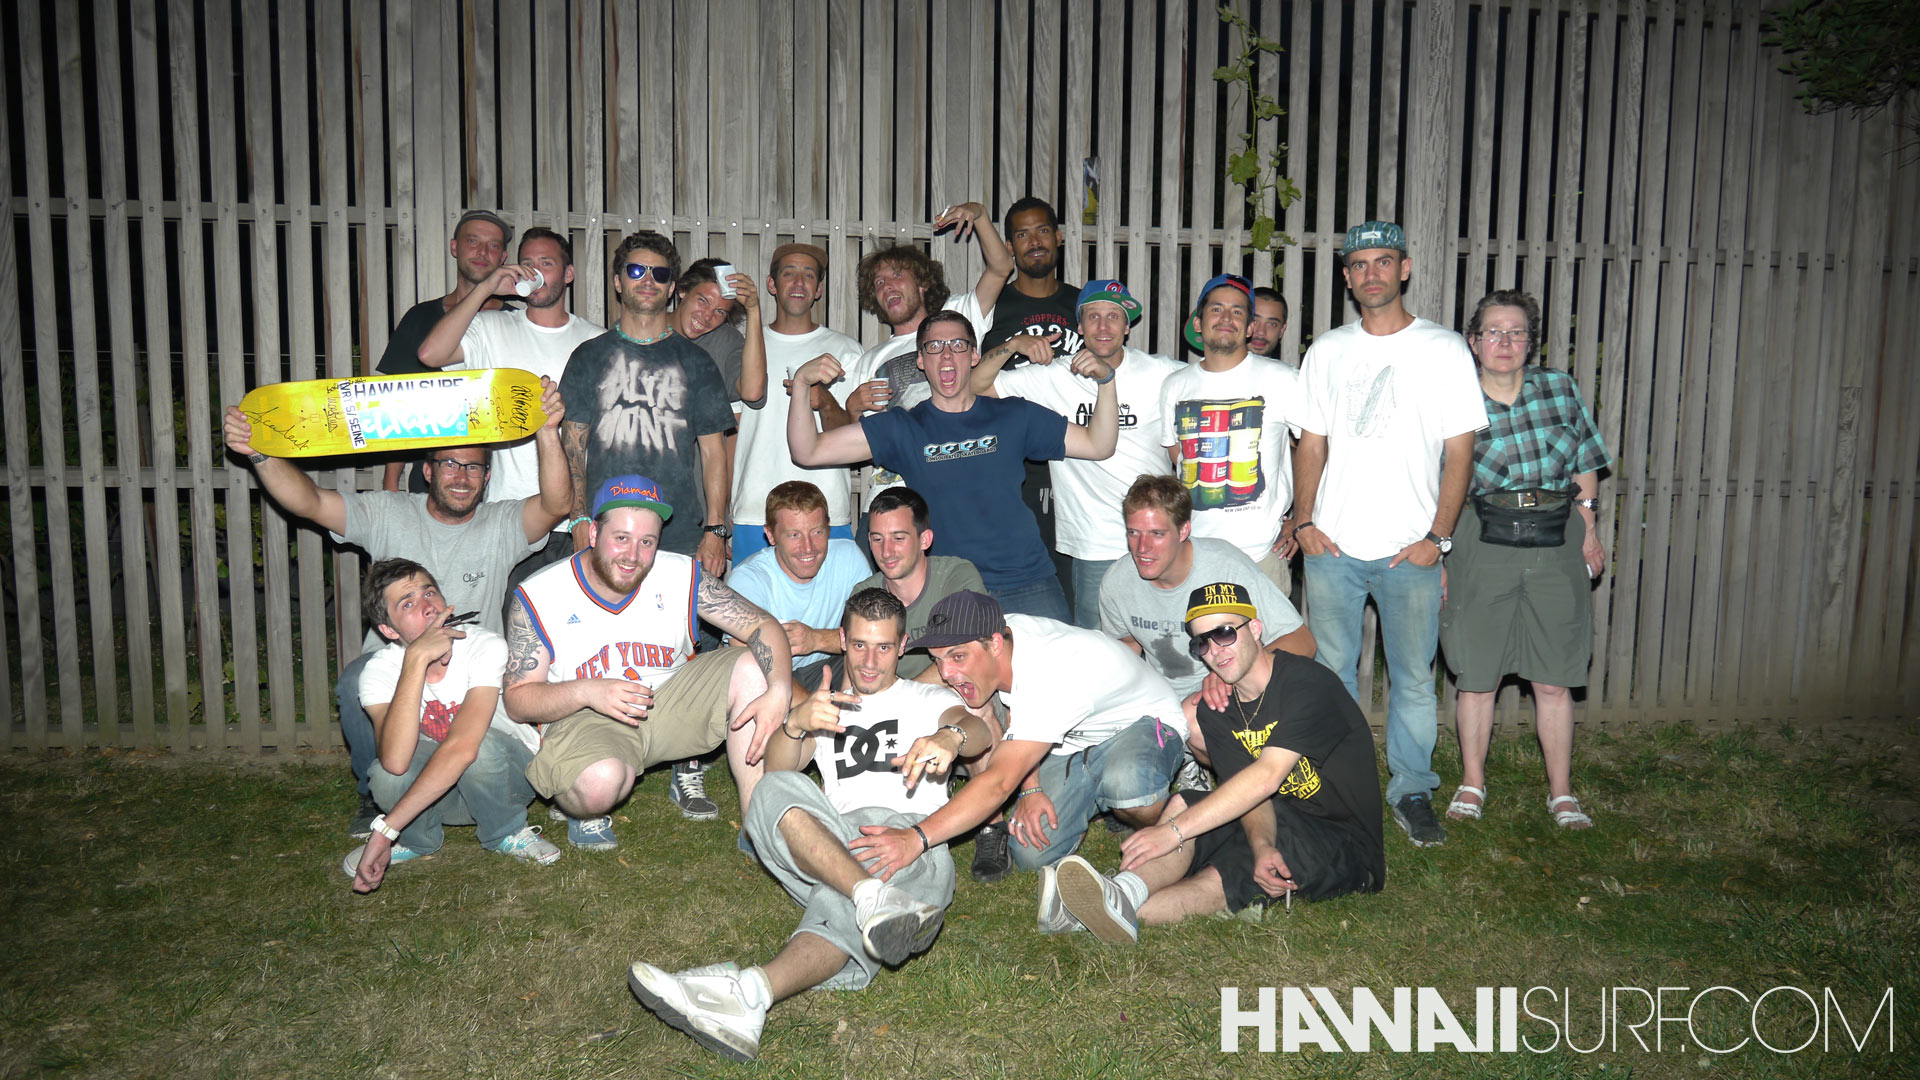 Le team Cliché chez HawaiiSurf mercredi 25 juillet 2012